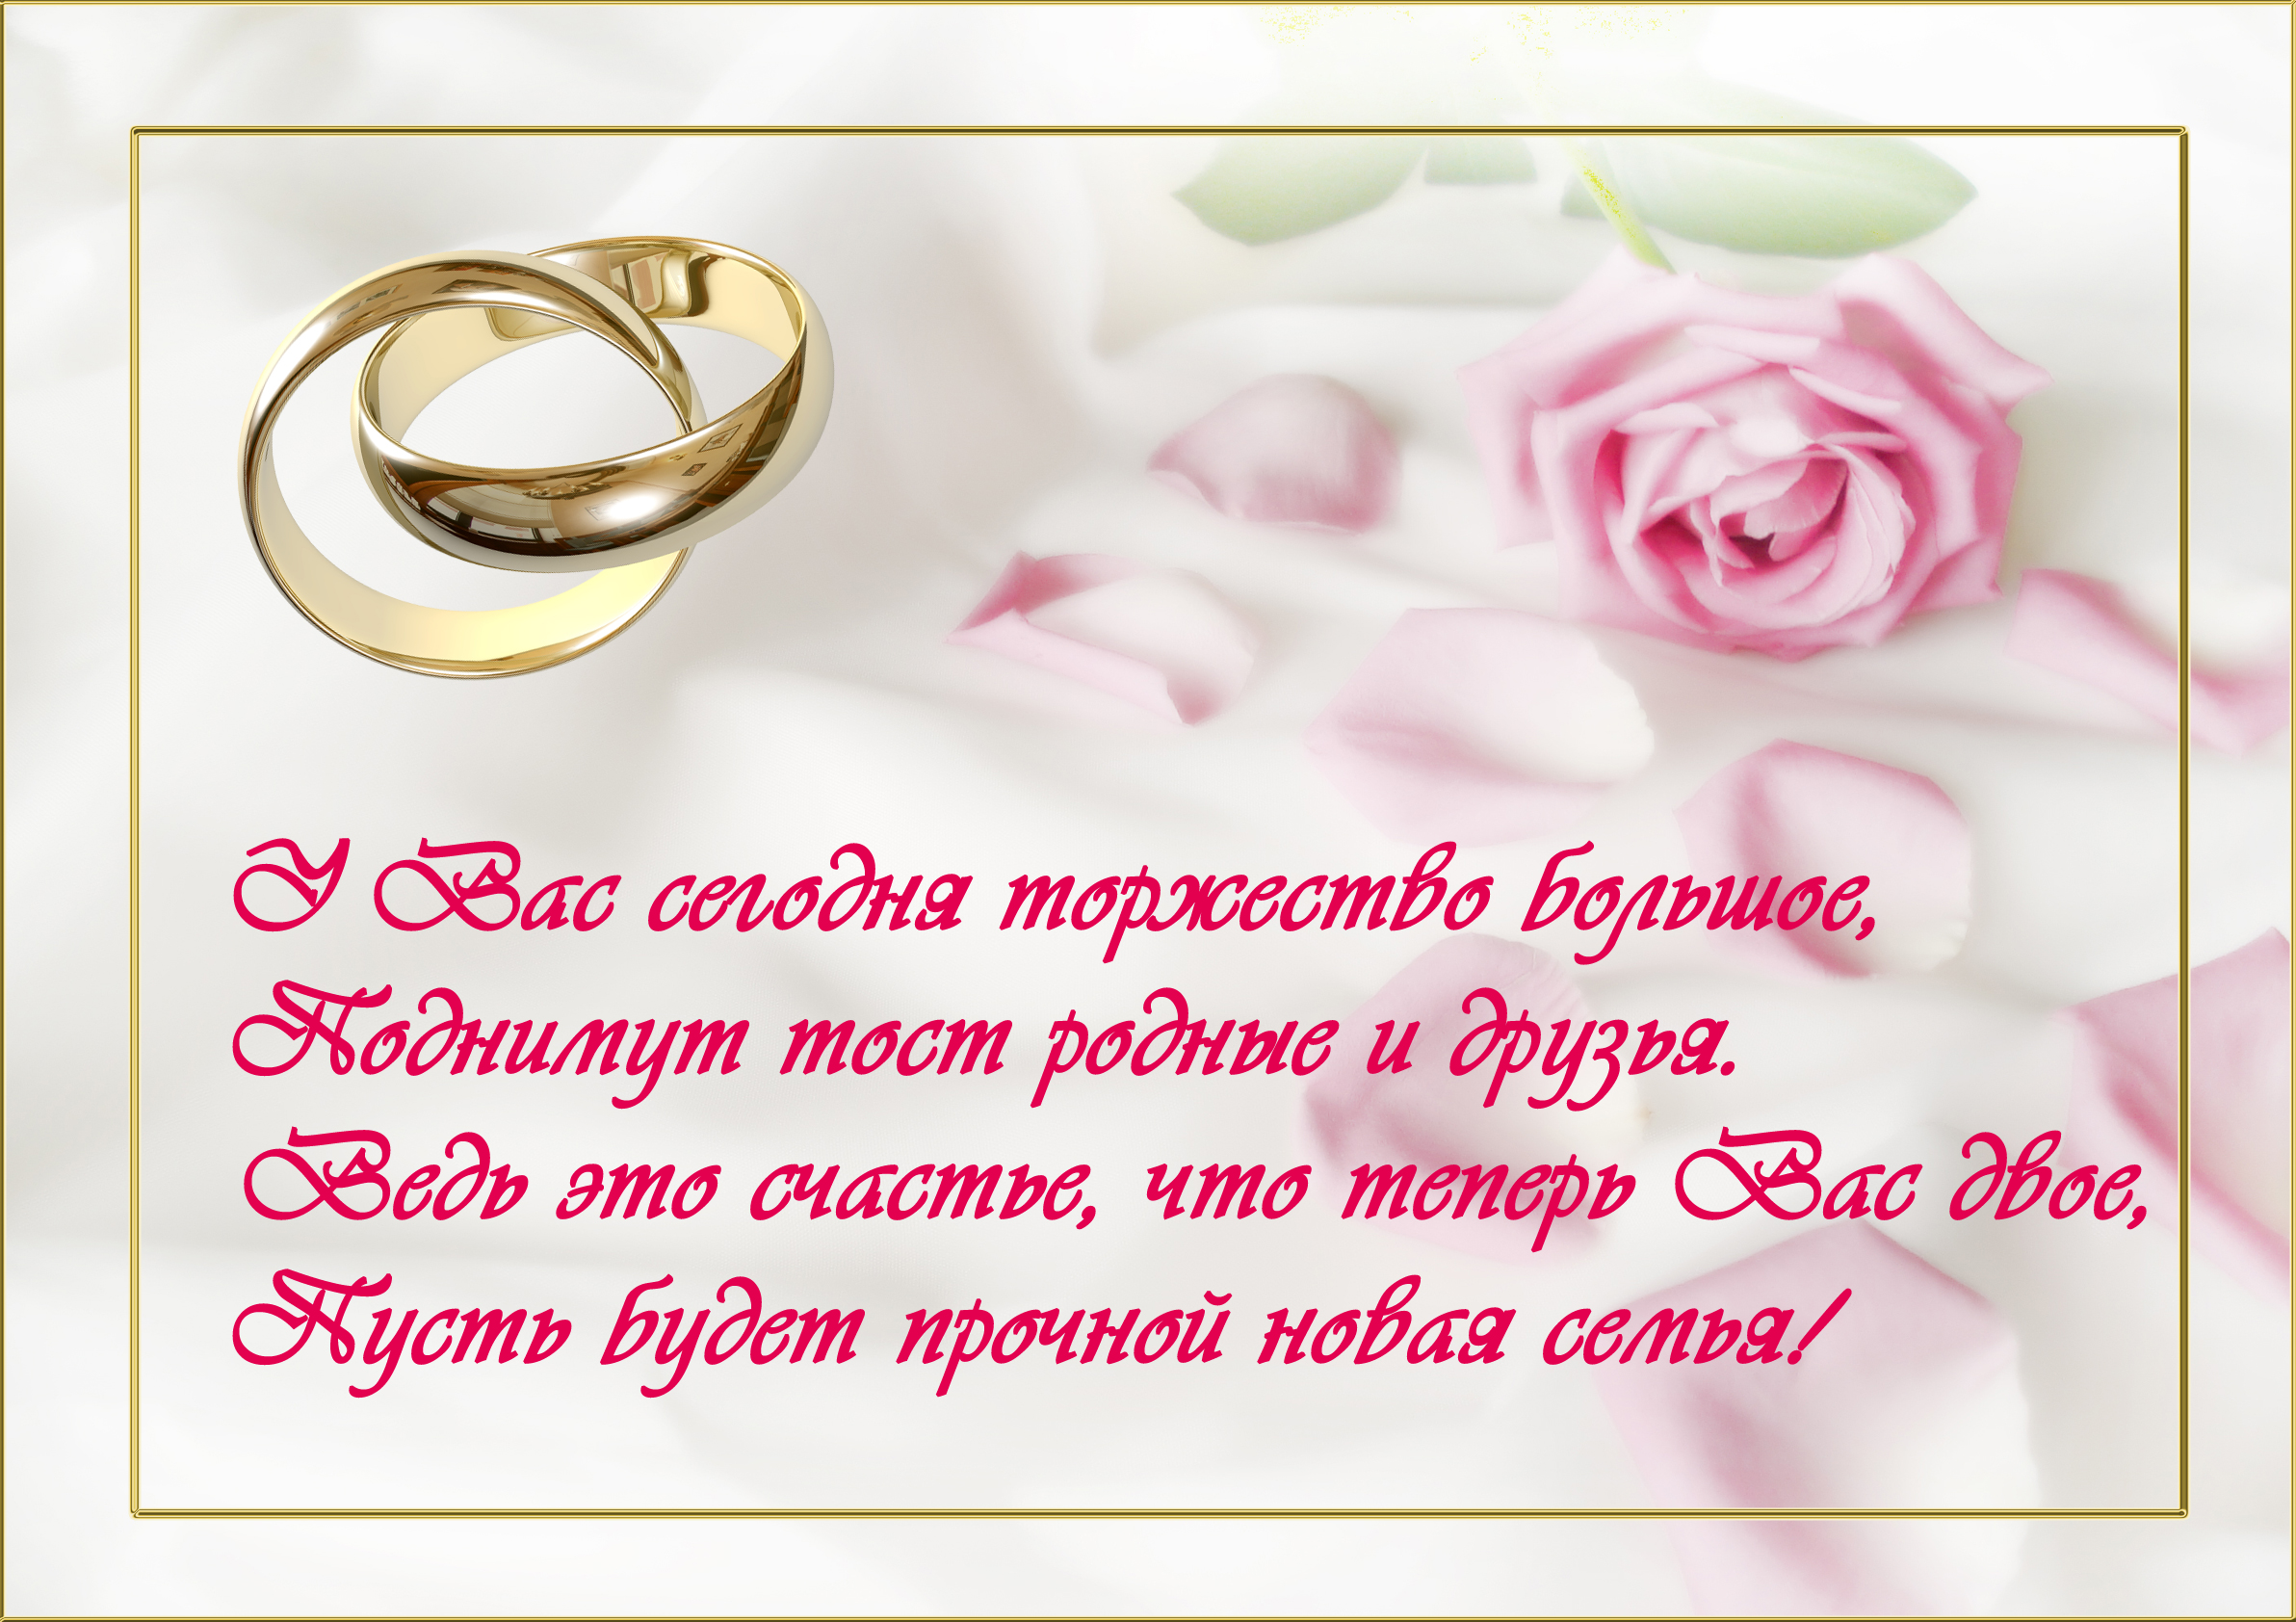 Поздравление с днем свадьбы красивое короткое